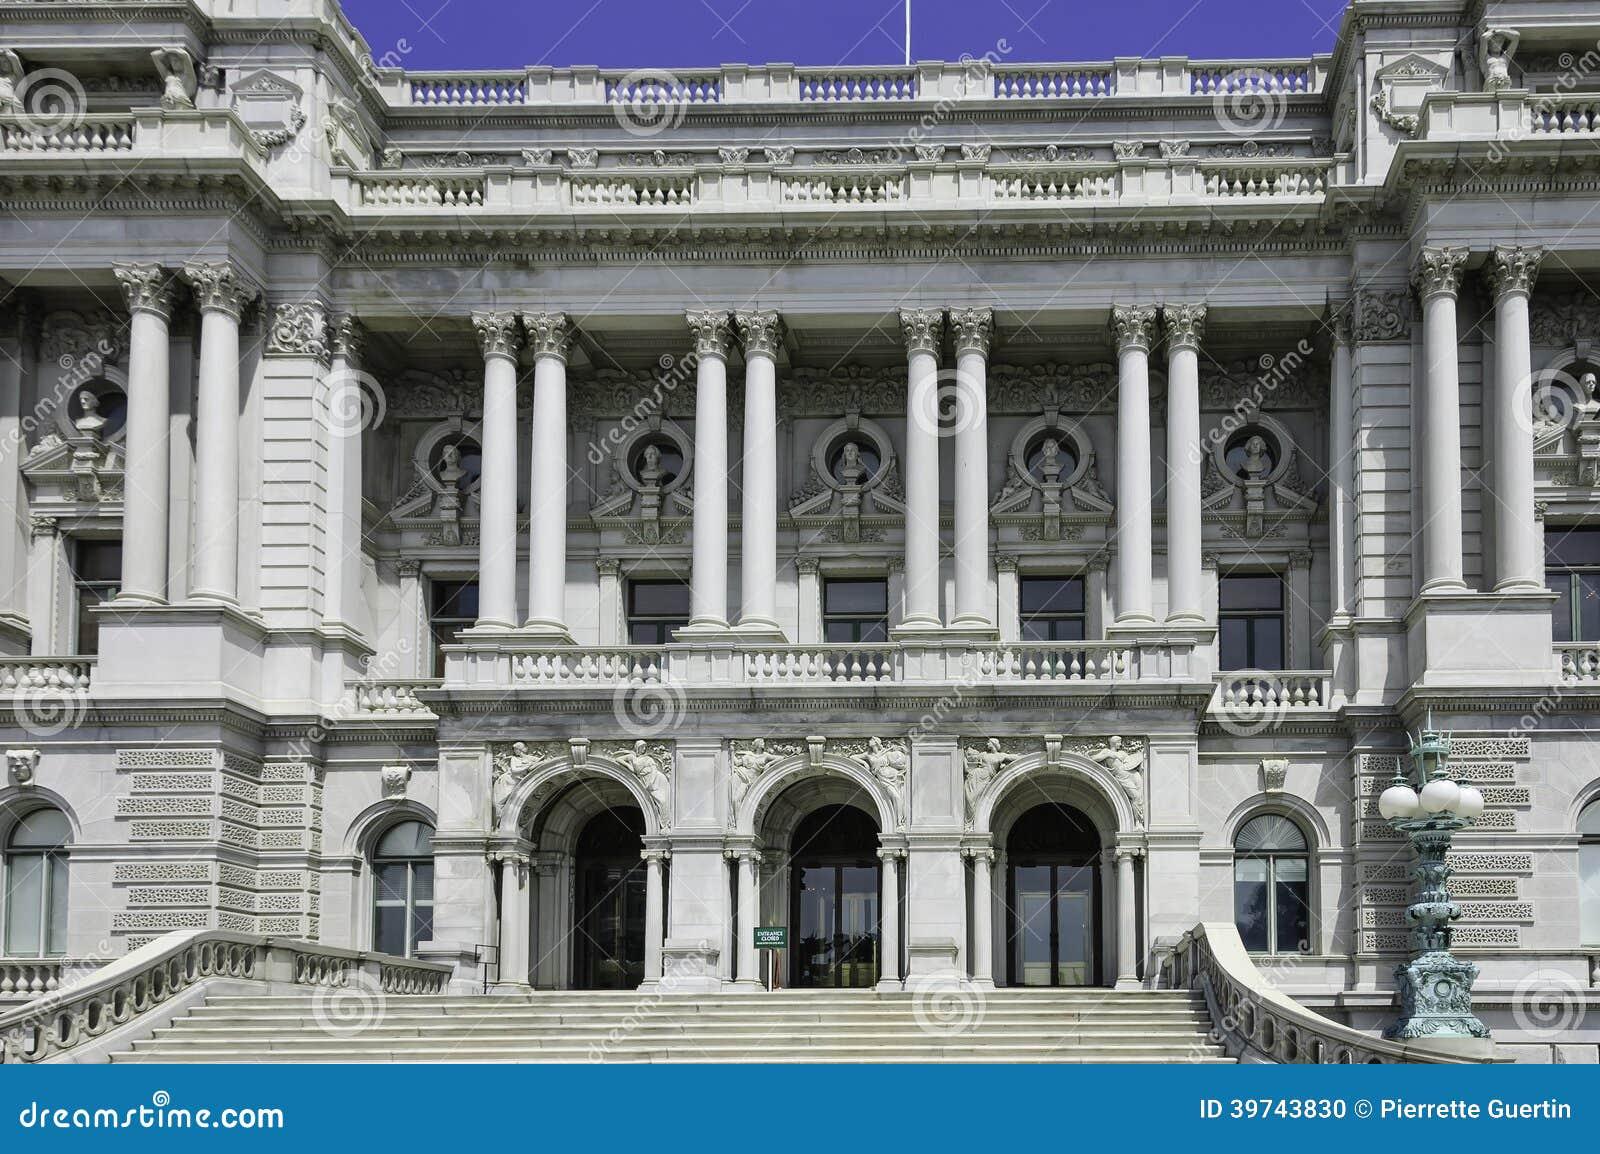 历史的托马斯杰斐逊大厦或美国国会图书馆的正面图在华盛顿特区,.图片